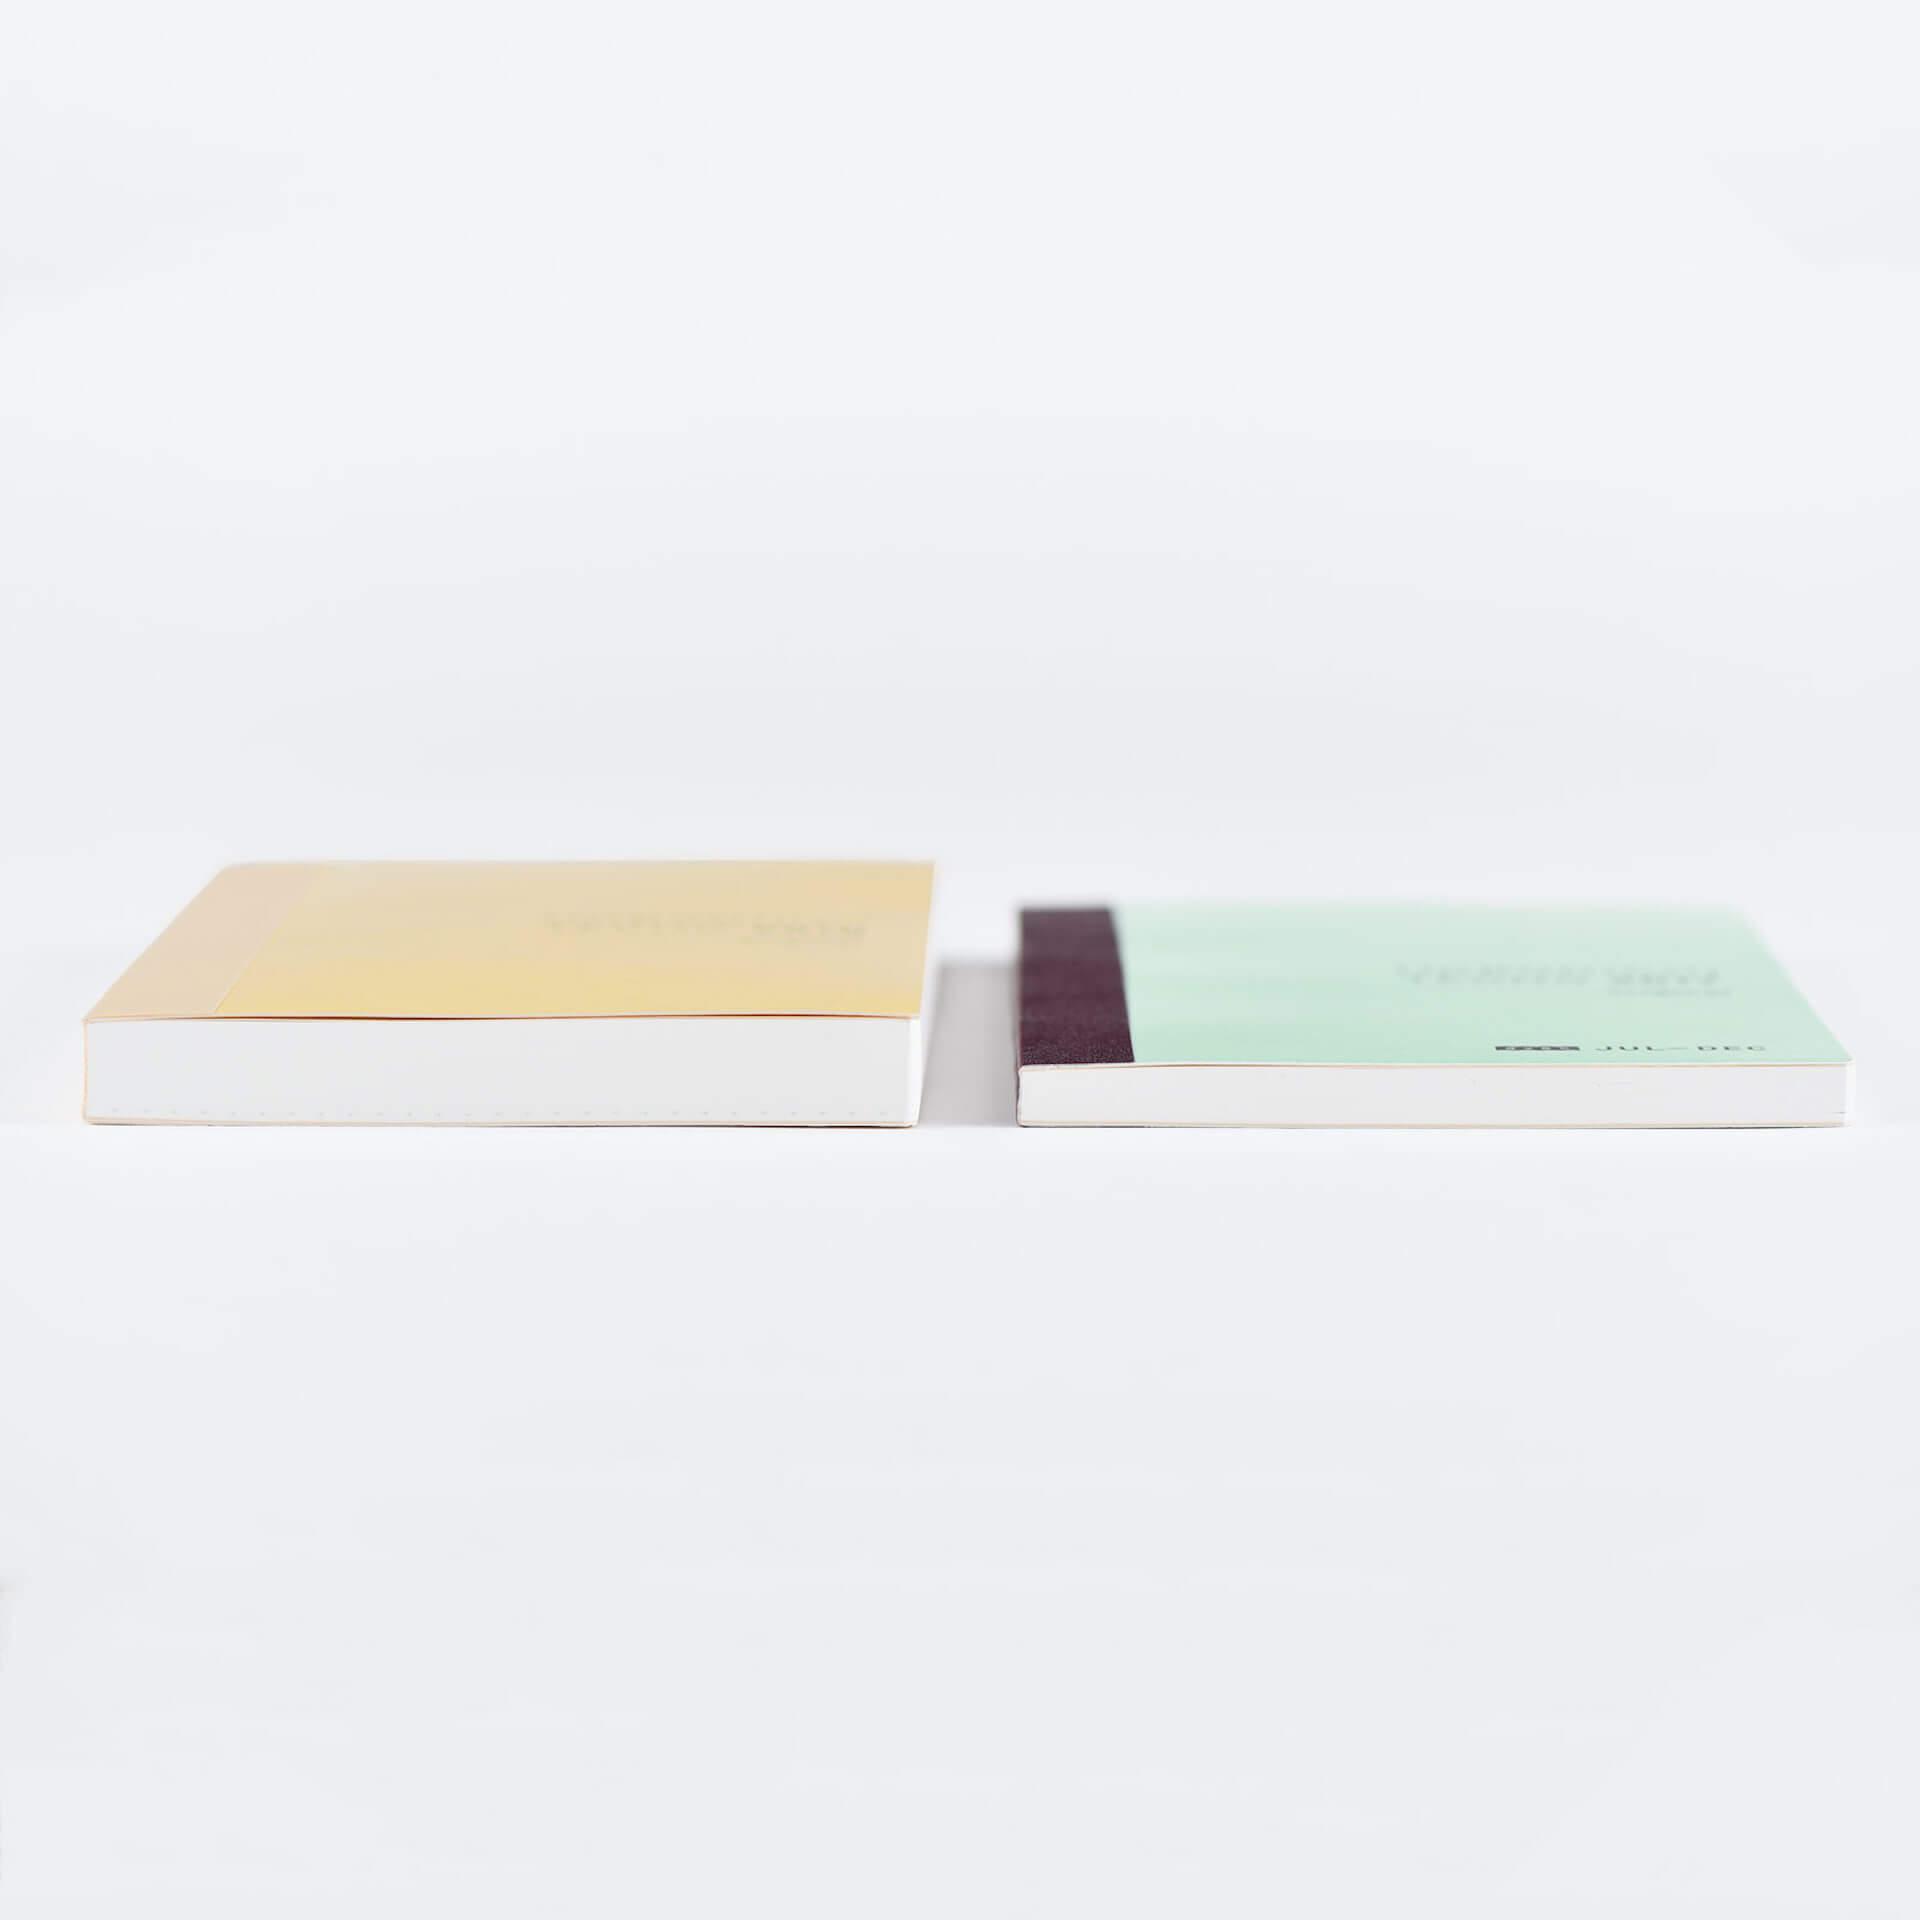 7月始まり・スリムサイズのほぼ日手帳『avec 後期』が販売開始!ほぼ日ストアで送料無料キャンペーンも実施中 ac200601_hobonichi_avec_05